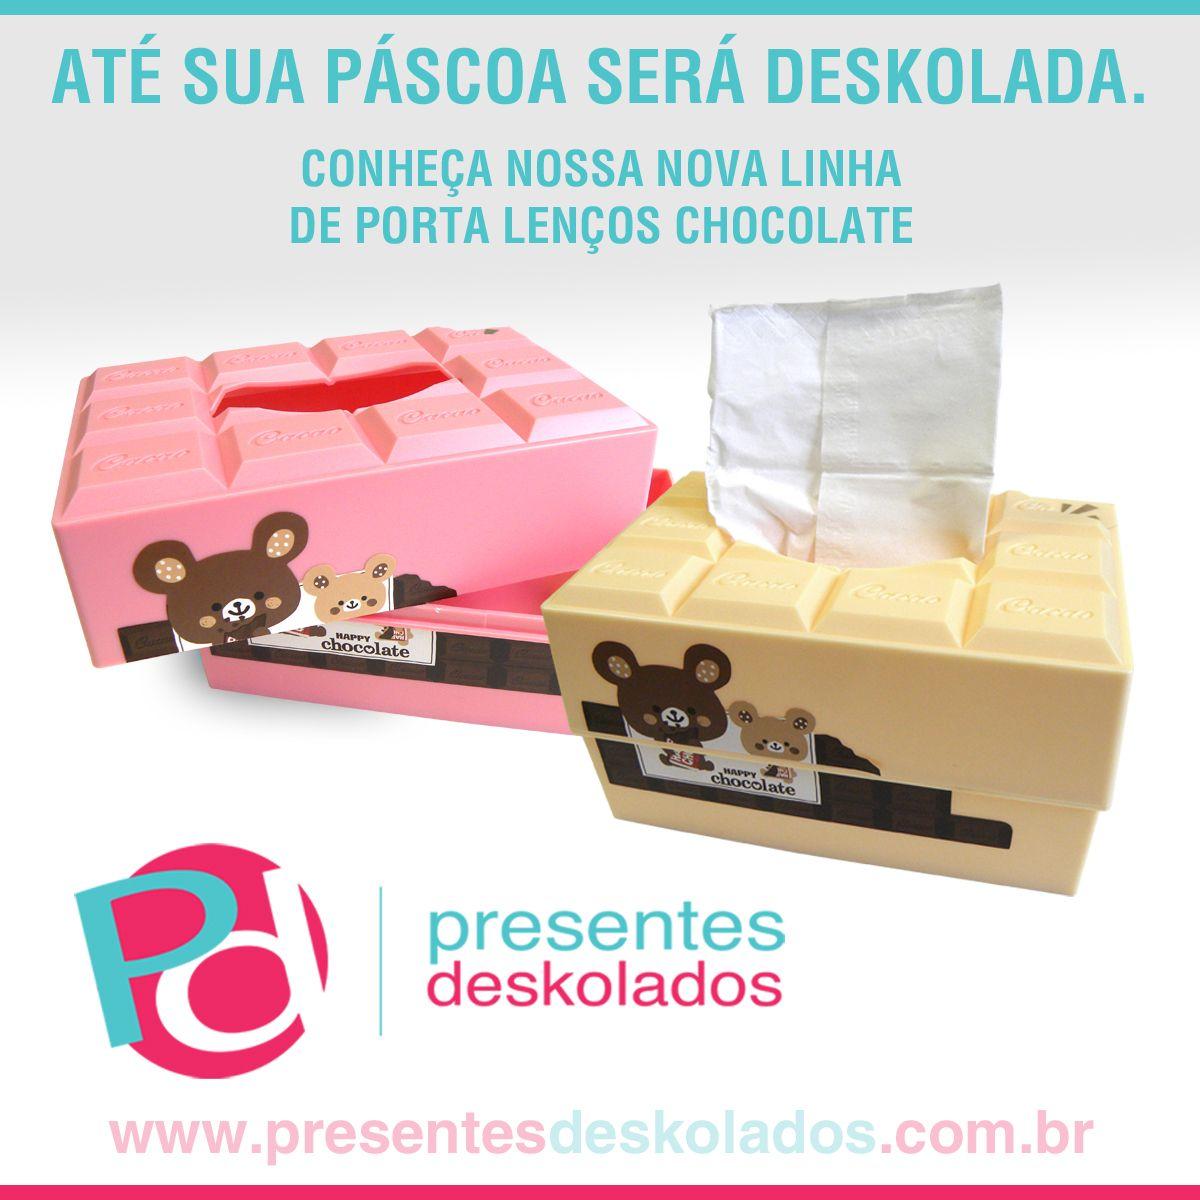 Boa Tarde galera deskolada!!! A Páscoa vai ficar mais deskolada!!! #coelhinhodapáscoa !!! Deskola lá no site: www.presentesdeskolados.com.br